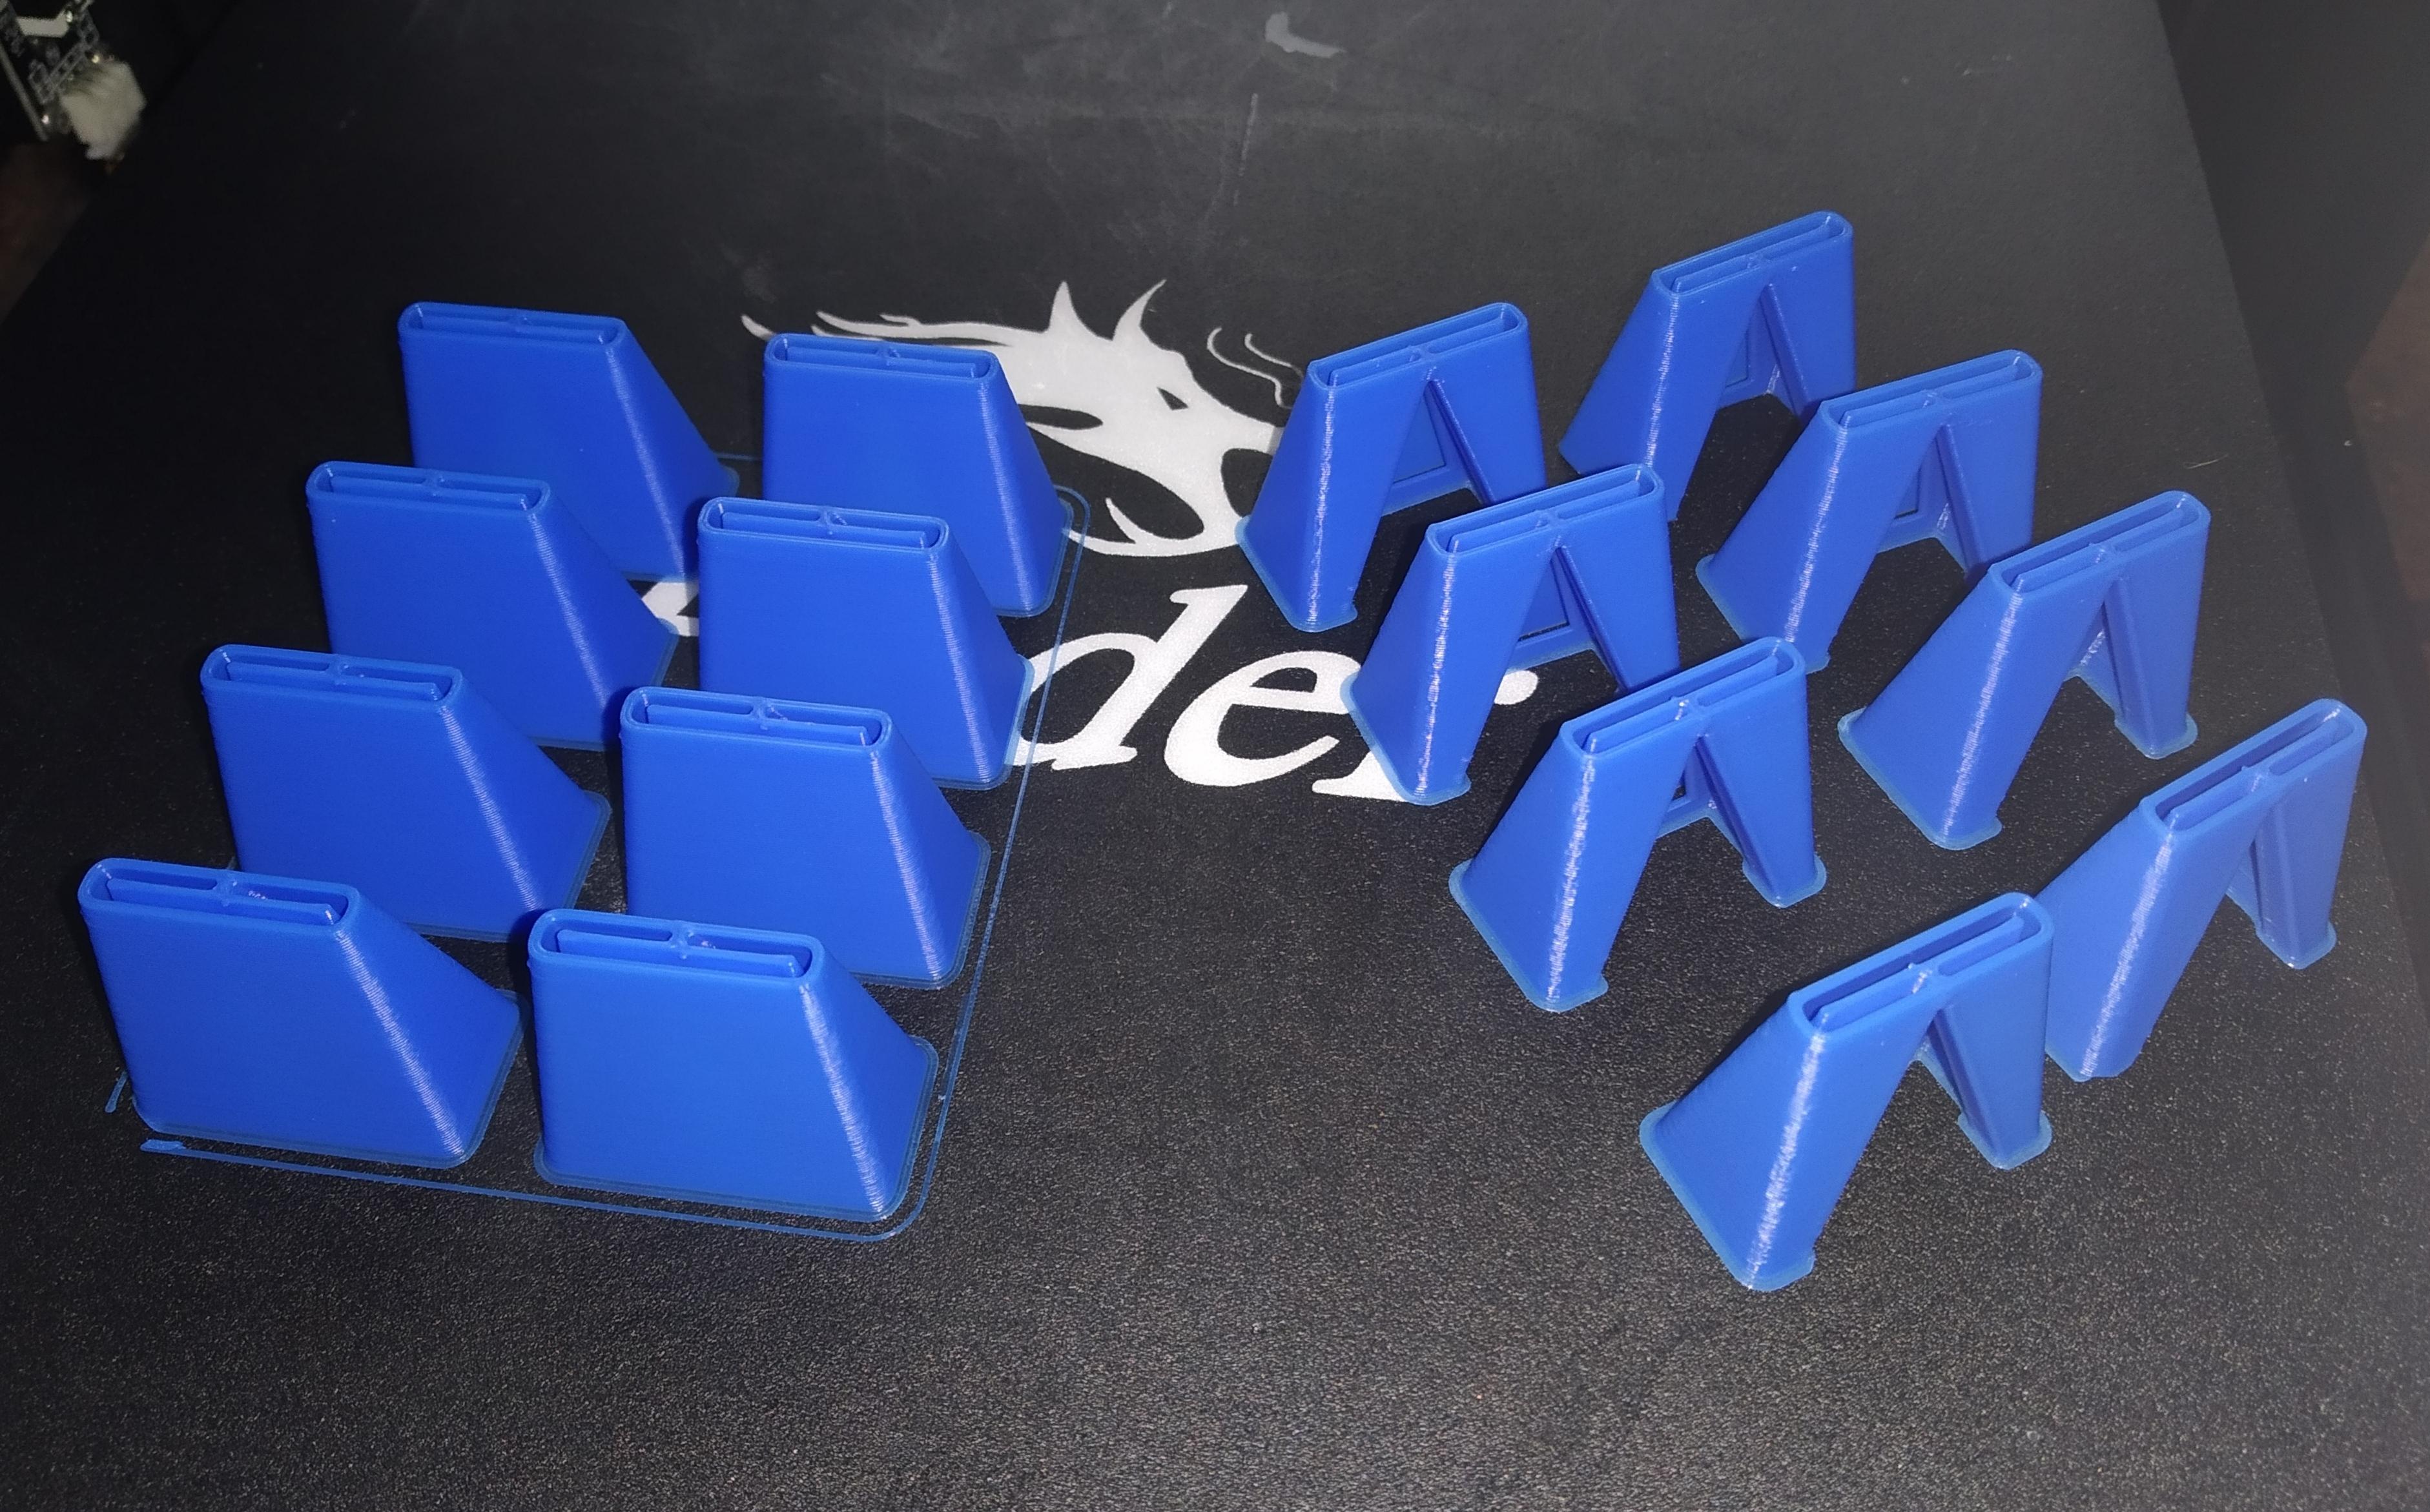 IMG_20200321_073939.jpg Download free STL file 3cm / 3.5cm / 4cm / 5cm Simple Bias Tape Maker, zakladac pasku • 3D printable template, ongaroo